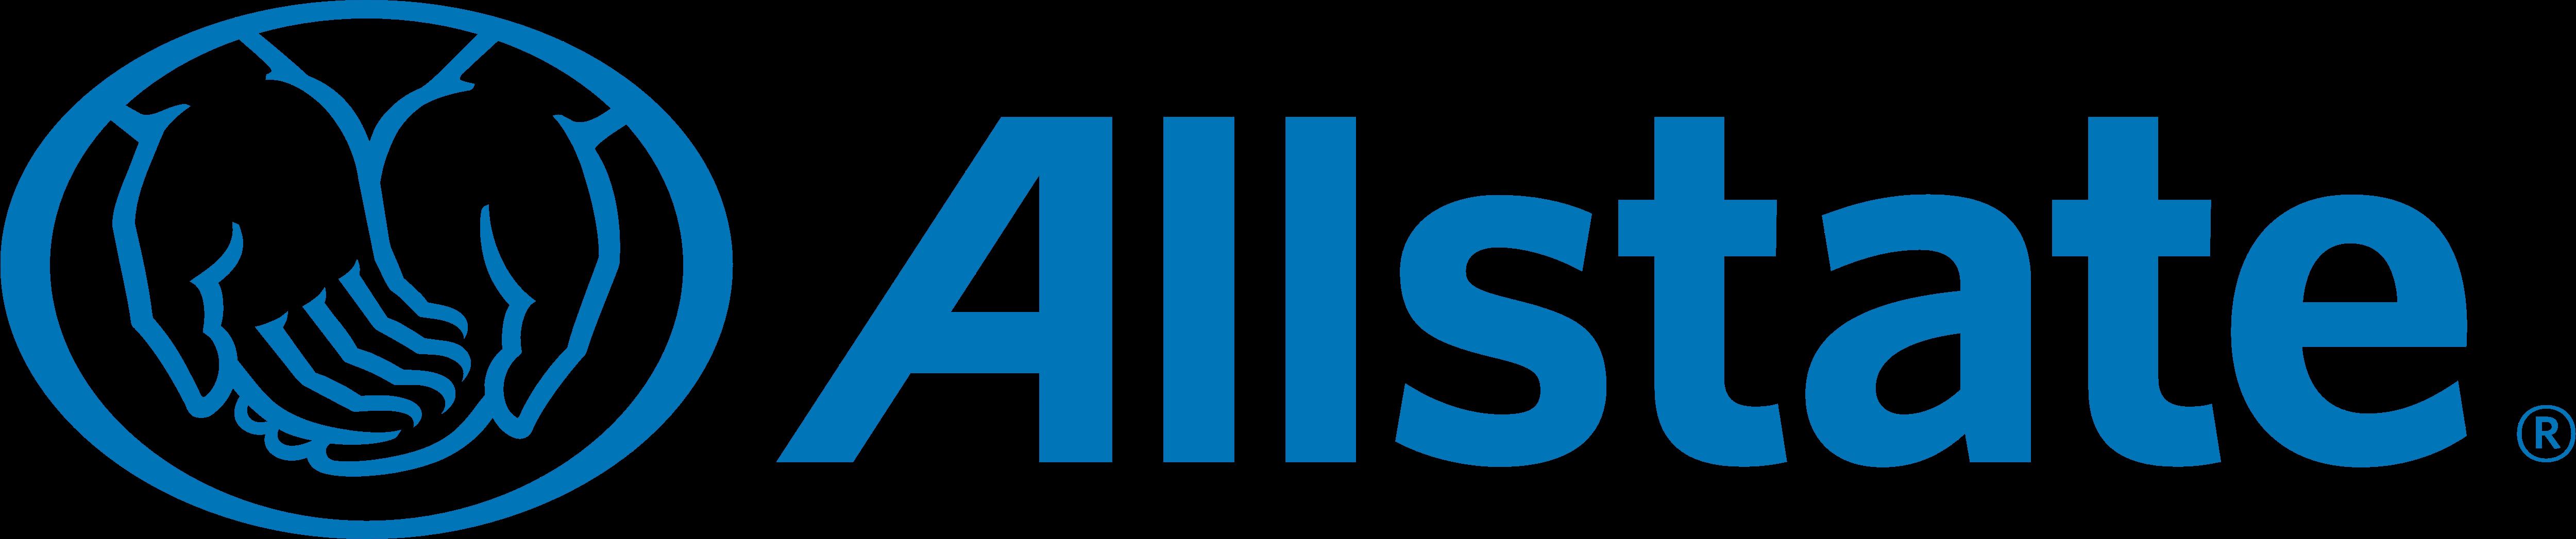 allstate insurance logos rh logolynx com Small Allstate Logo Allstate Insurance Logo Clip Art